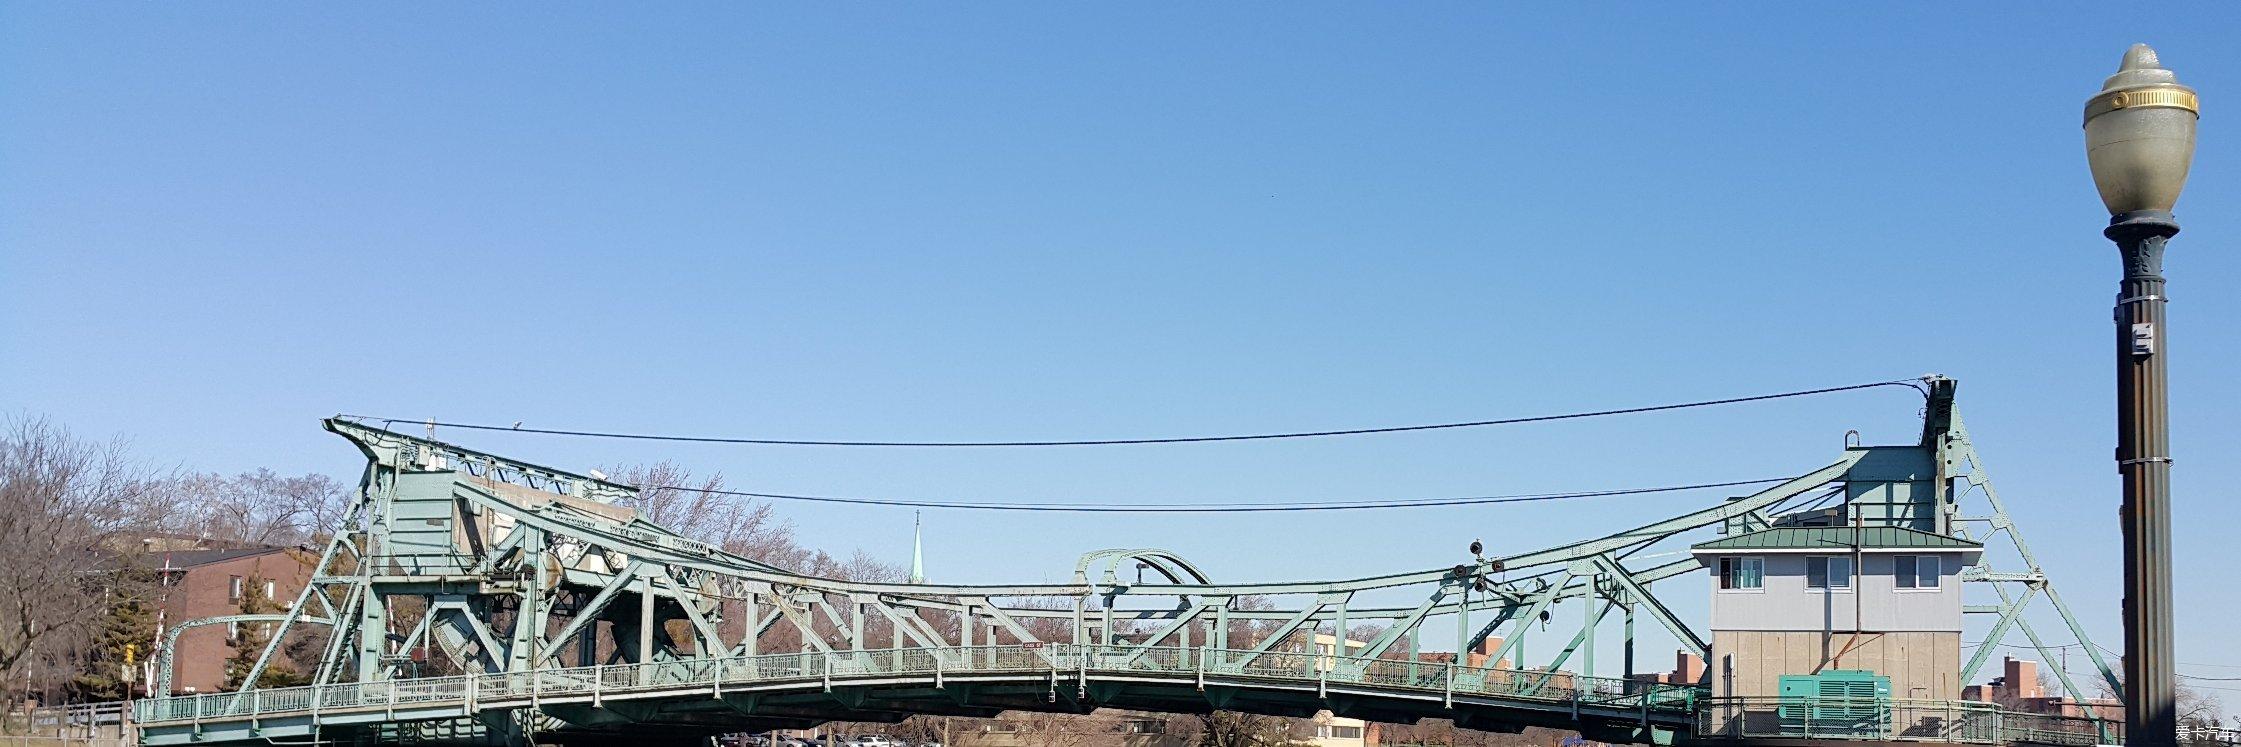 芝麻开门--朱丽叶偶遇百年铁桥开闭一刻